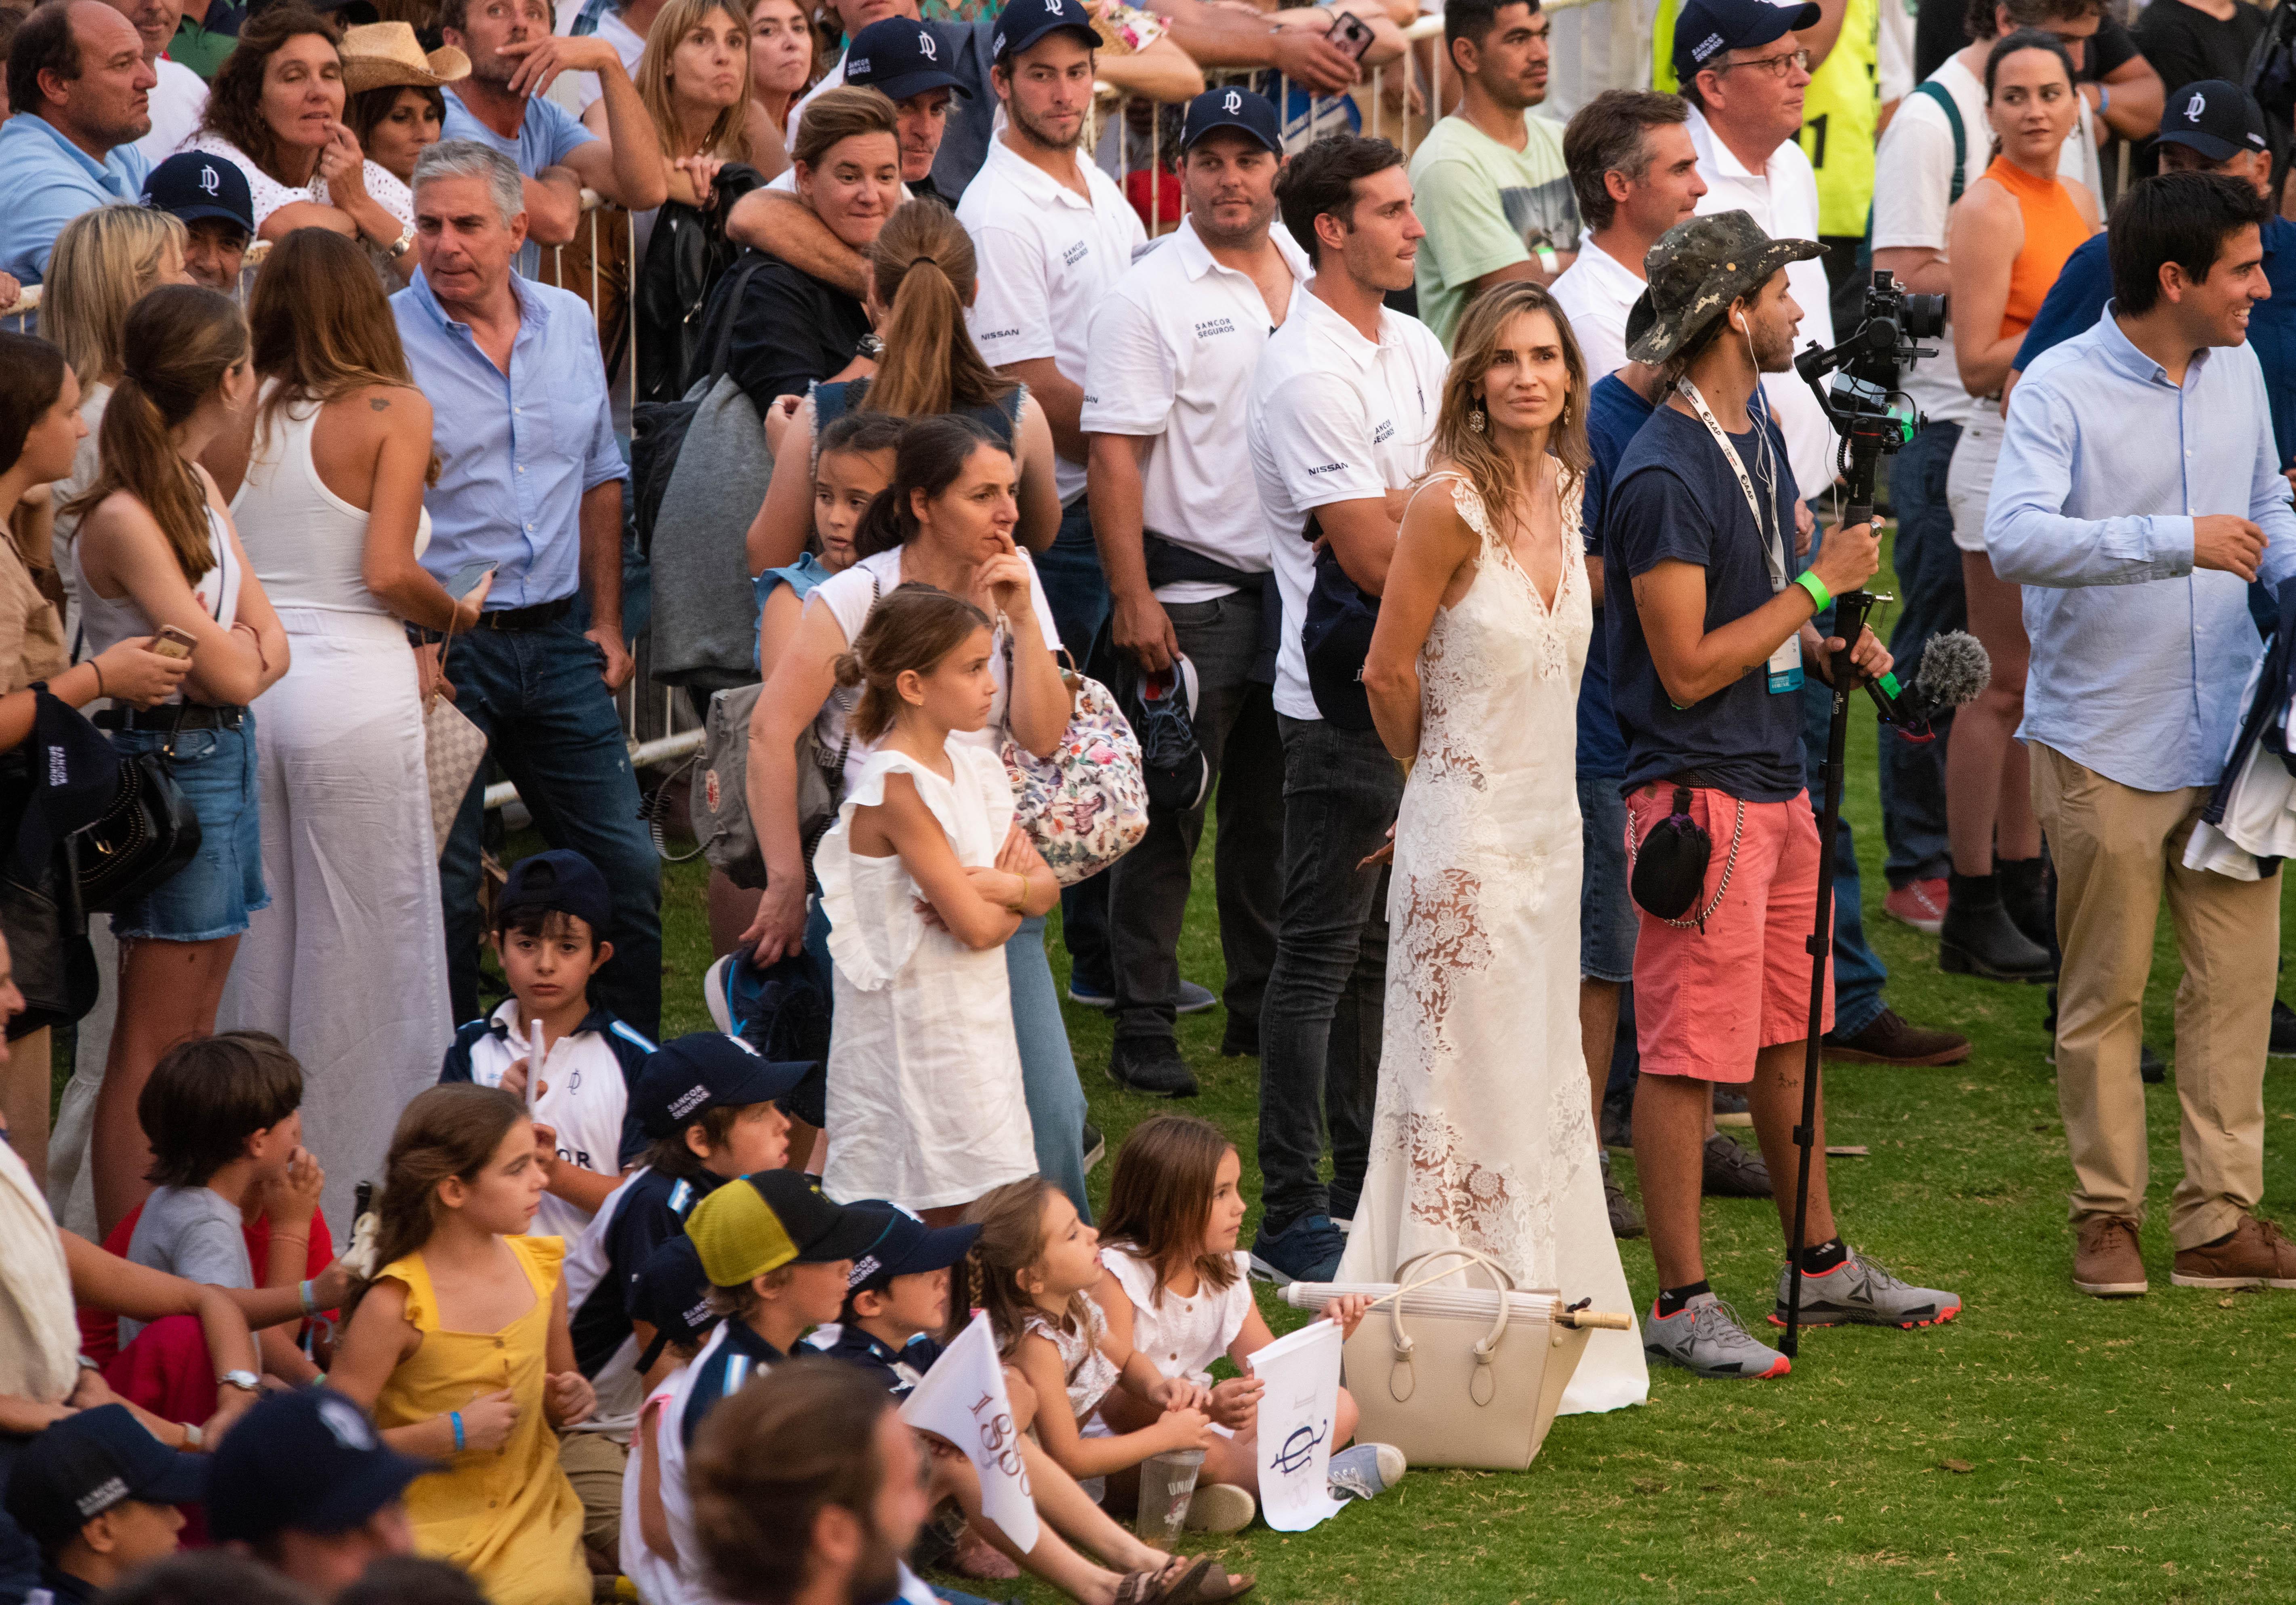 María Vázquez siguió con atención el partido